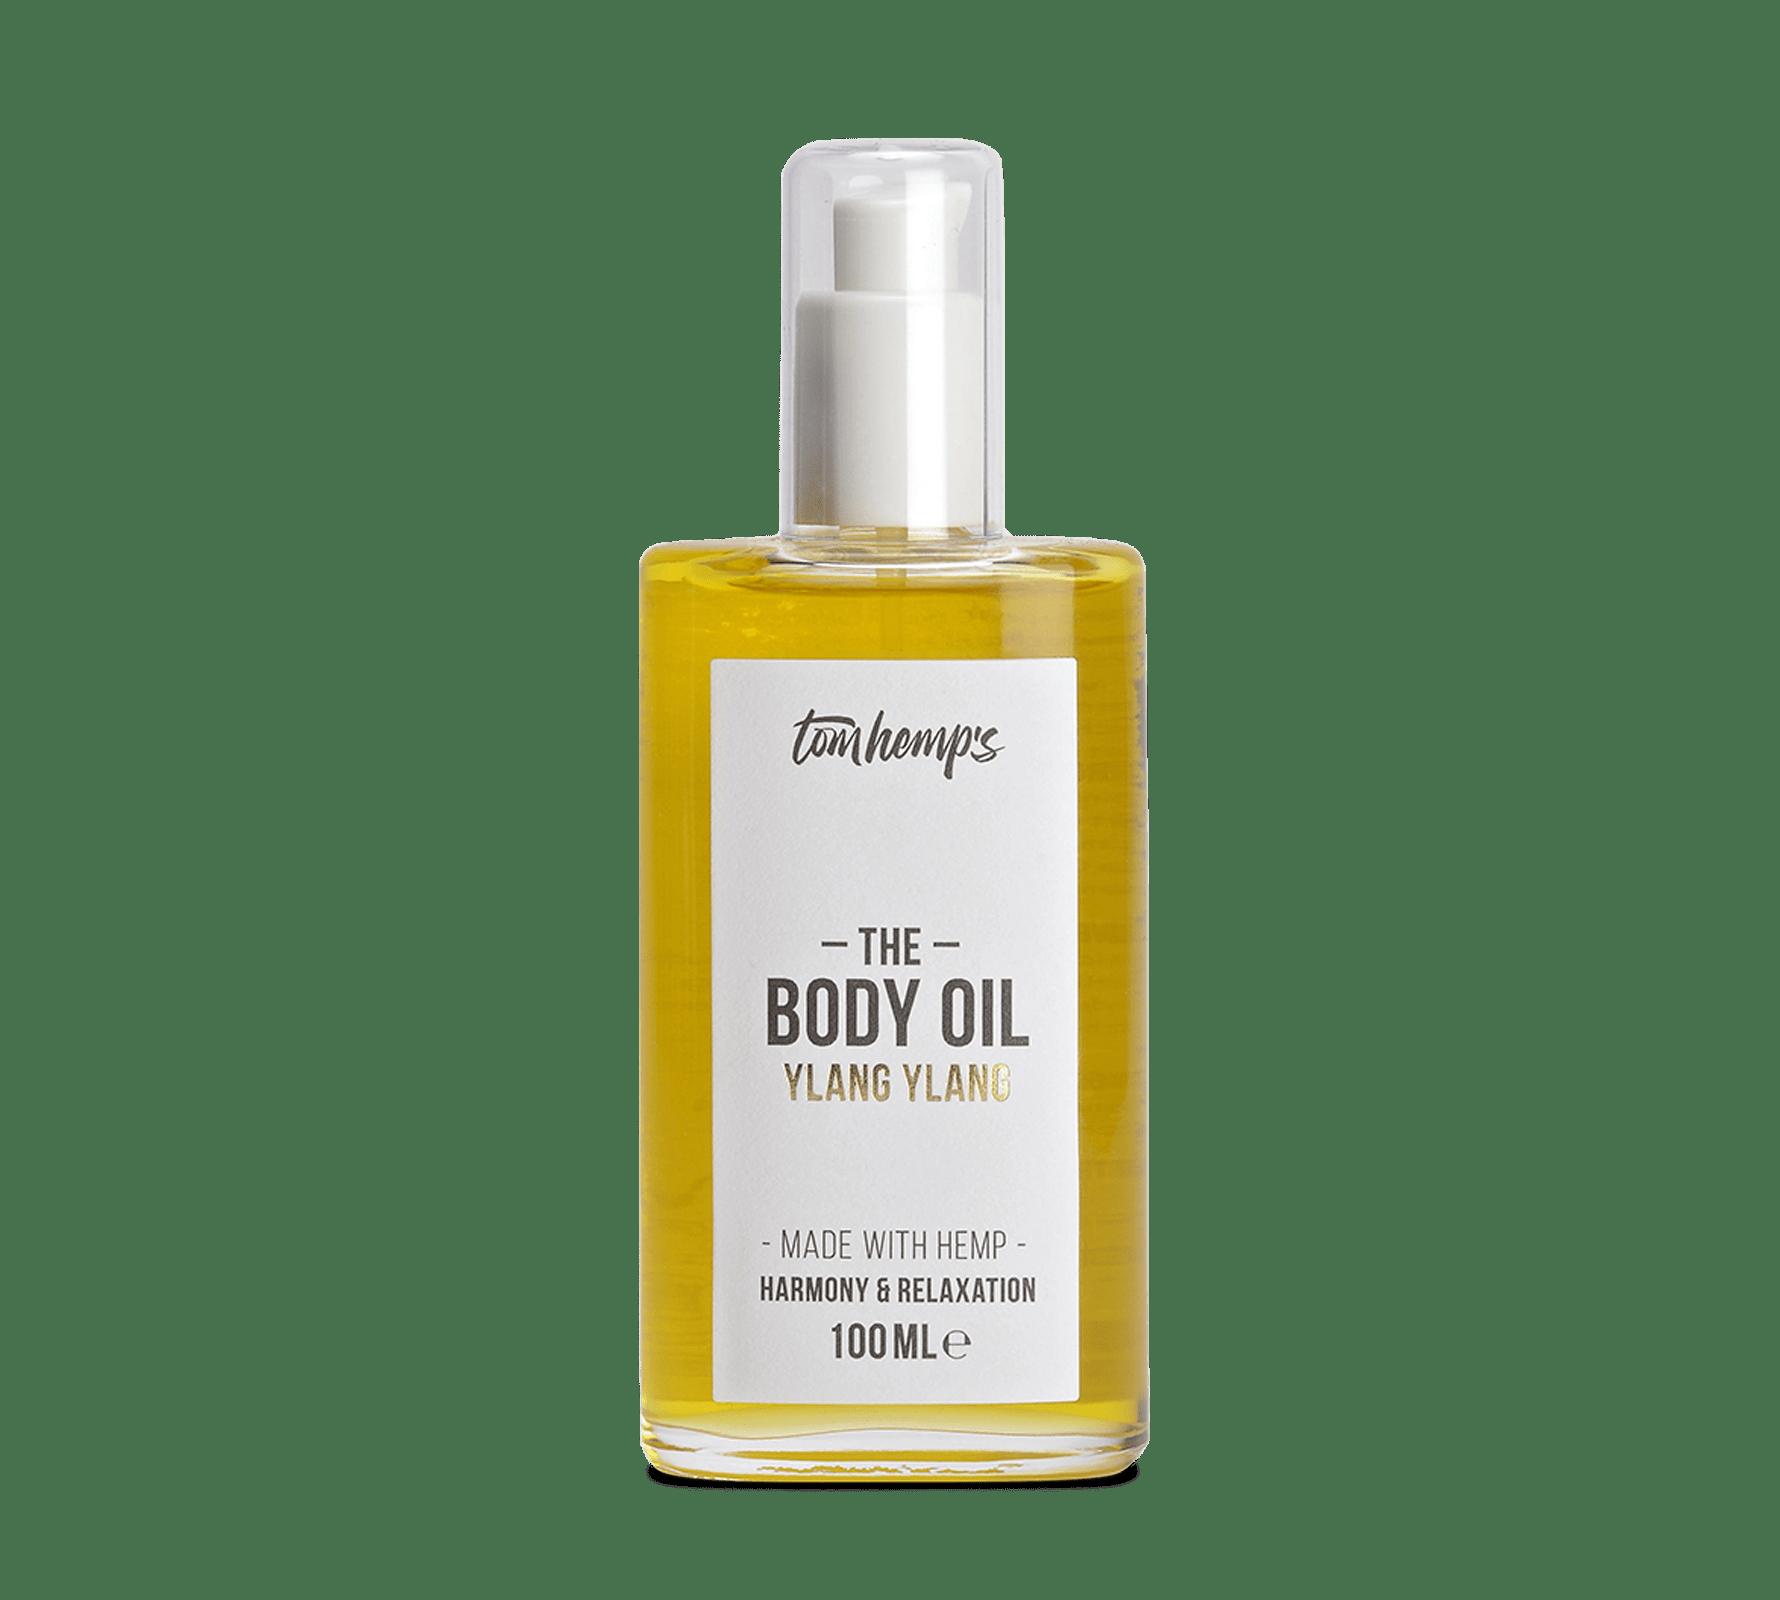 The Body Oil Ylang Ylang